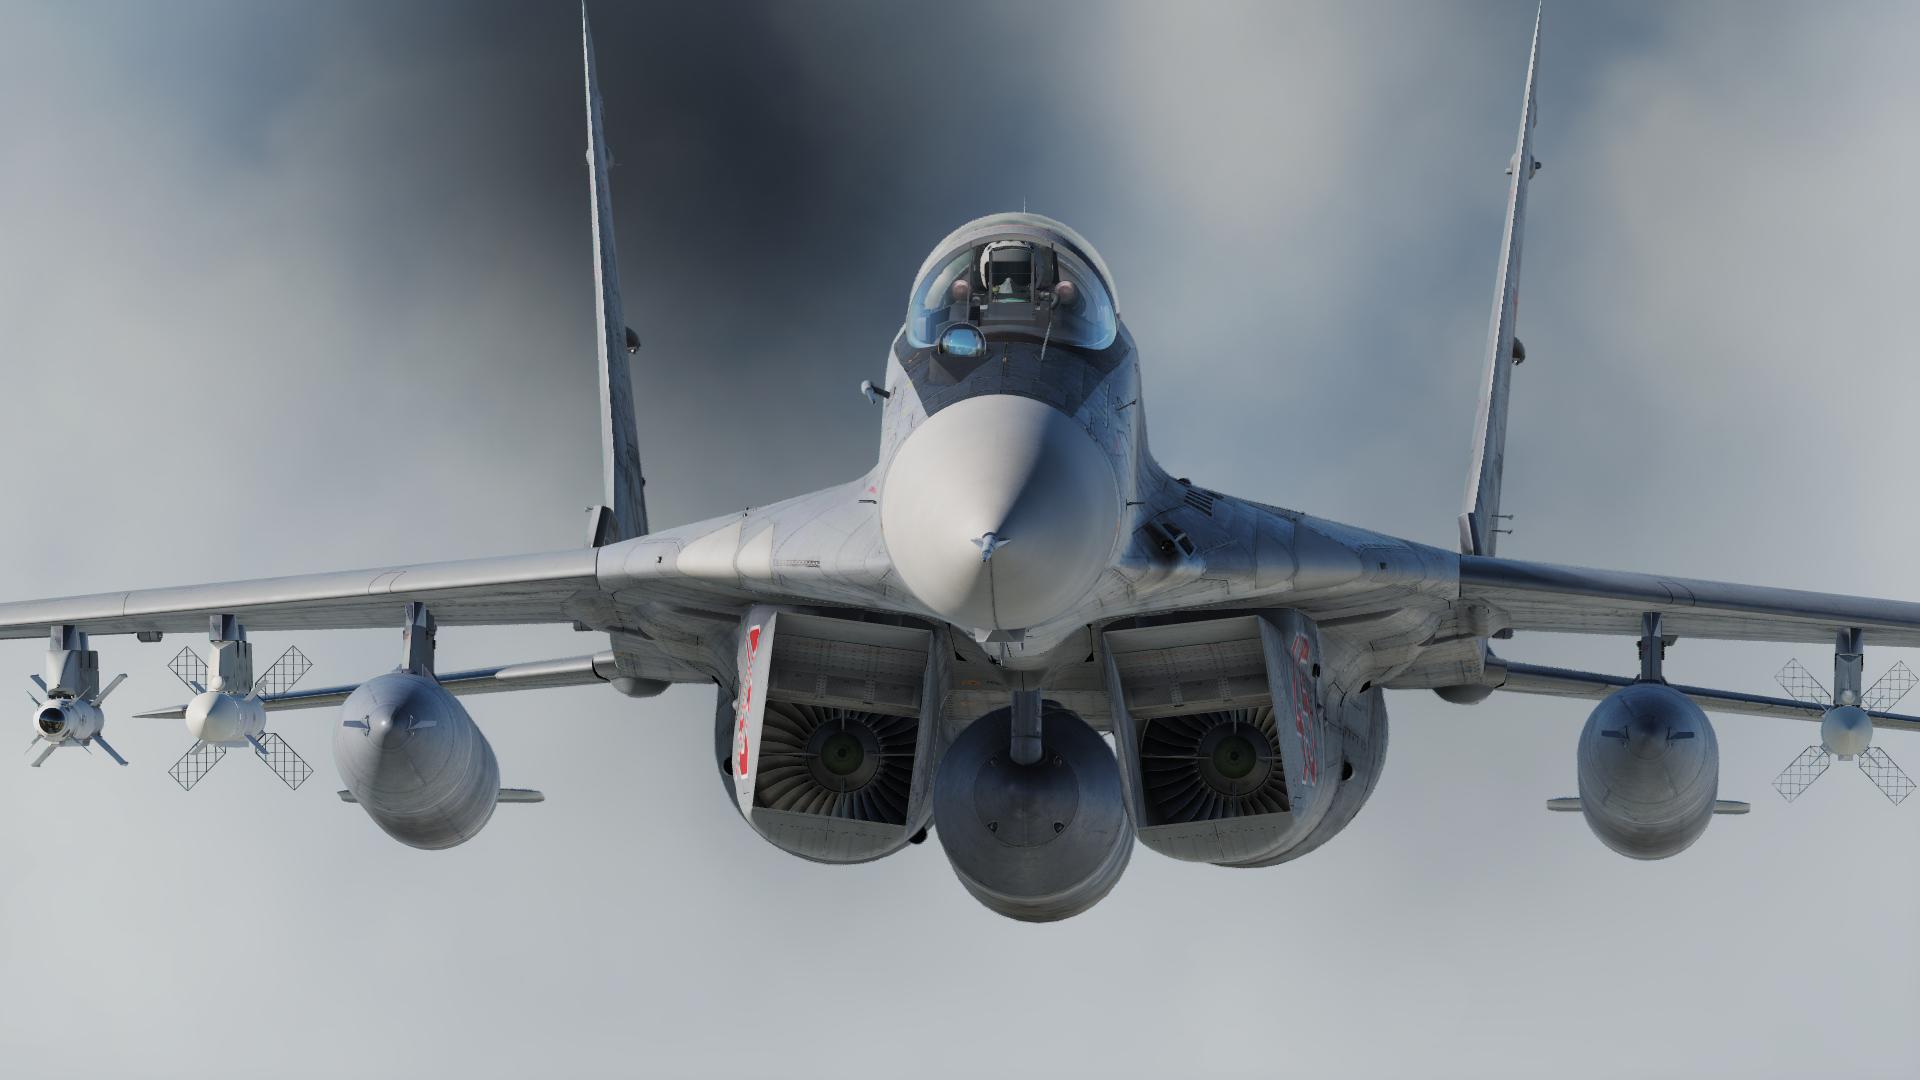 Обои крылатая машина, освещение, ввс, боевой самолет. Авиация